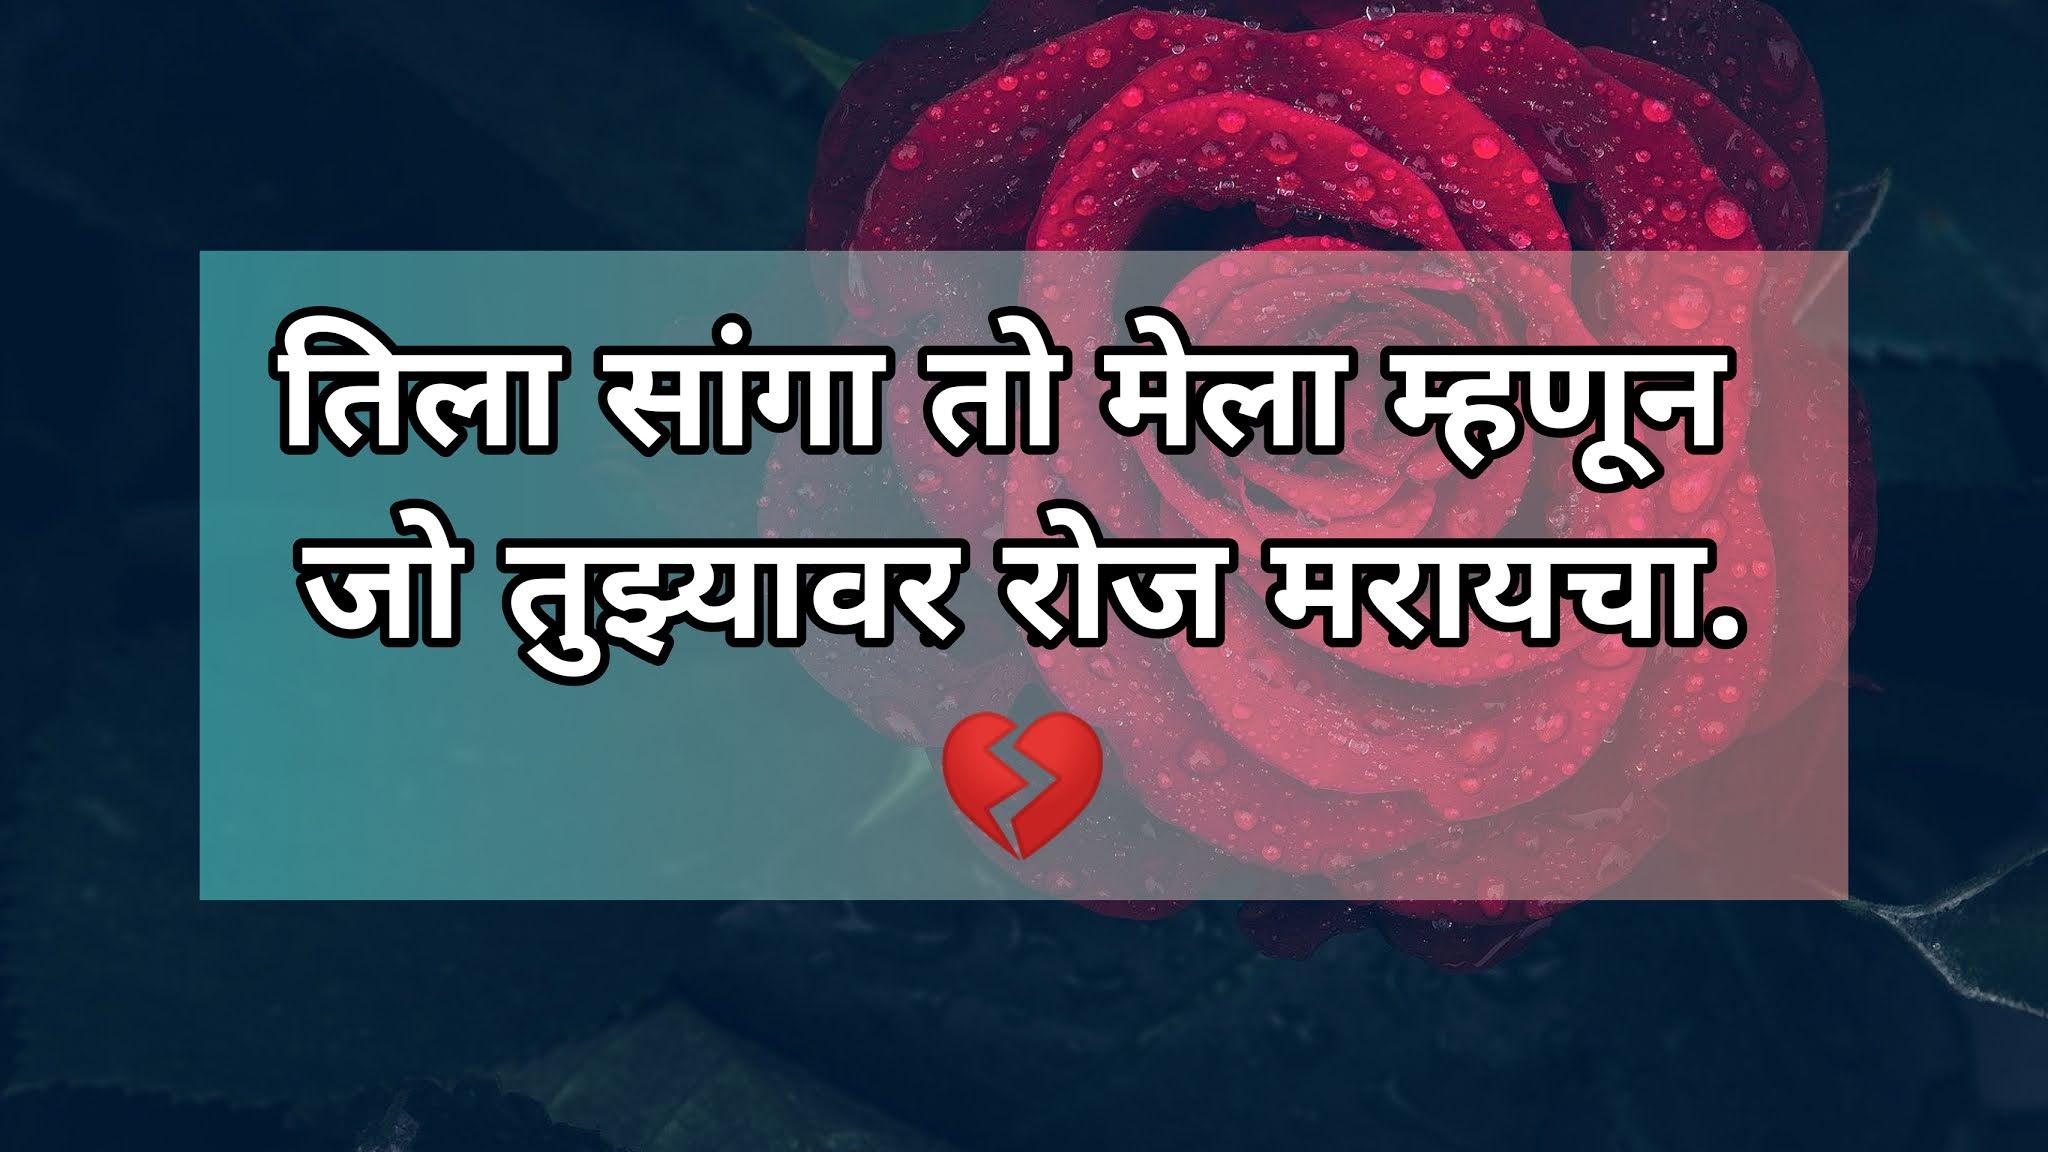 Sad Shayari in Marathi / Emotional Shayari Marathi / मन उदास शायरी इन मराठी